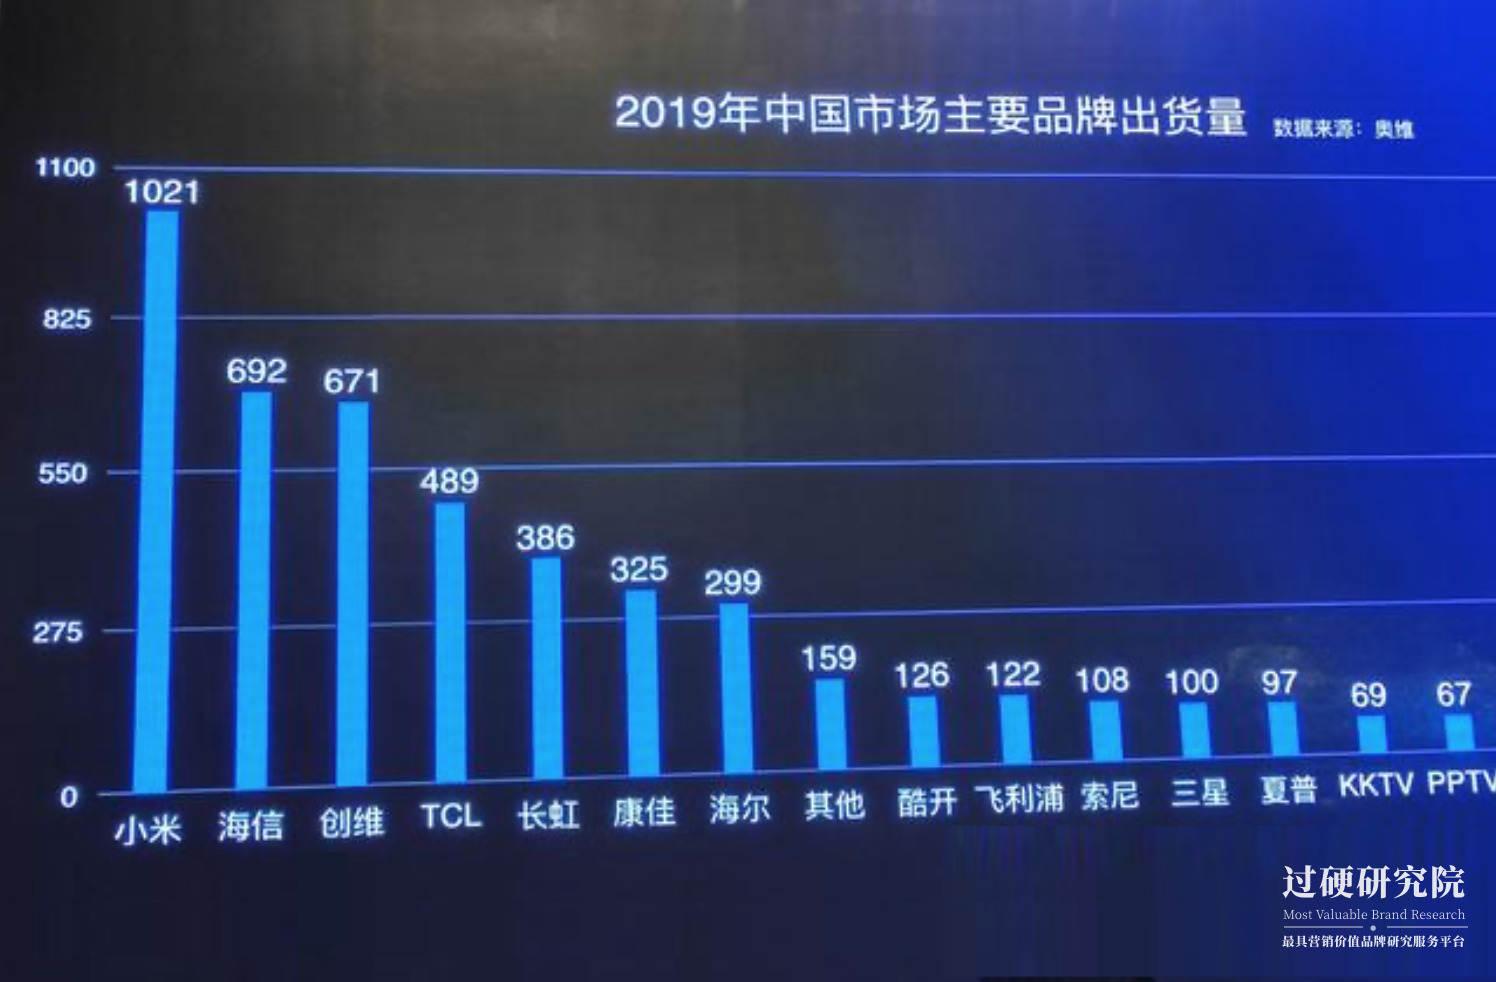 019中国彩电销量排名出炉